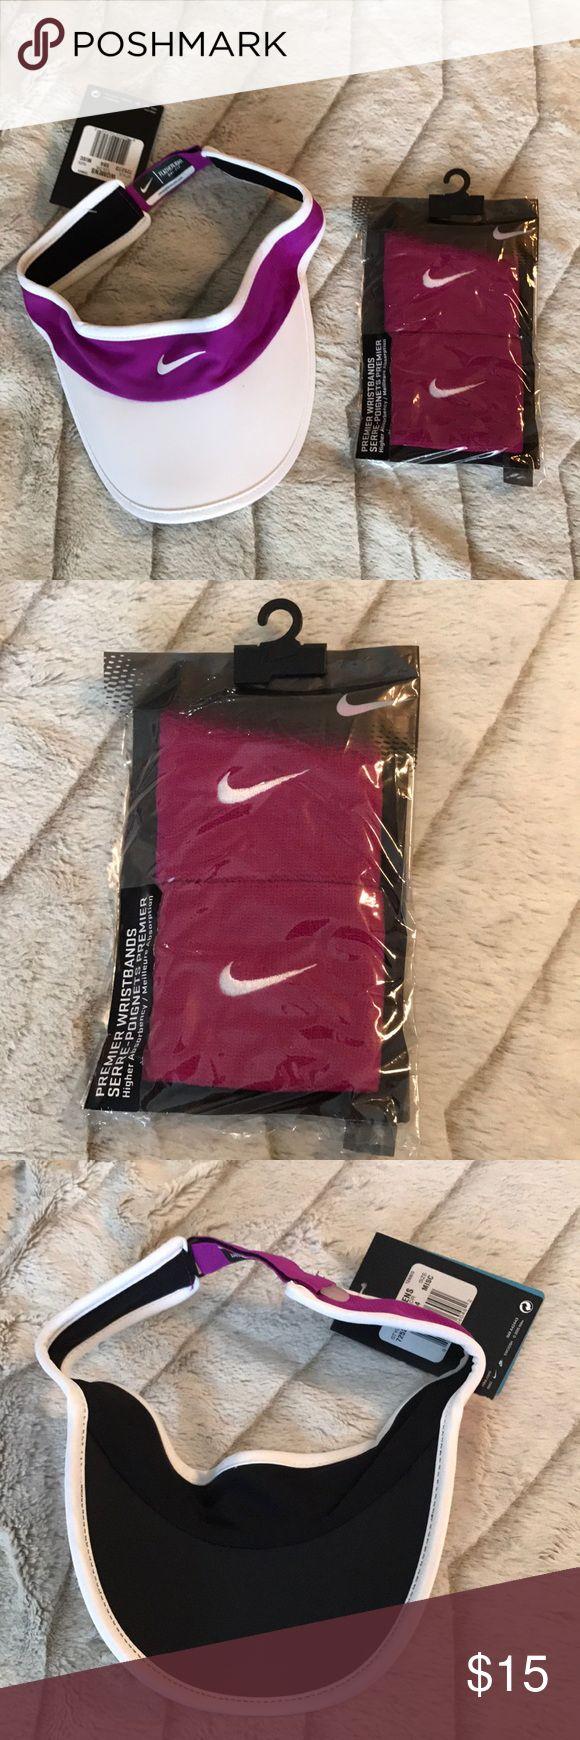 Spotted while shopping on Poshmark: Nike visor & wristband set! #poshmark #fashion #shopping #style #Nike #Accessories